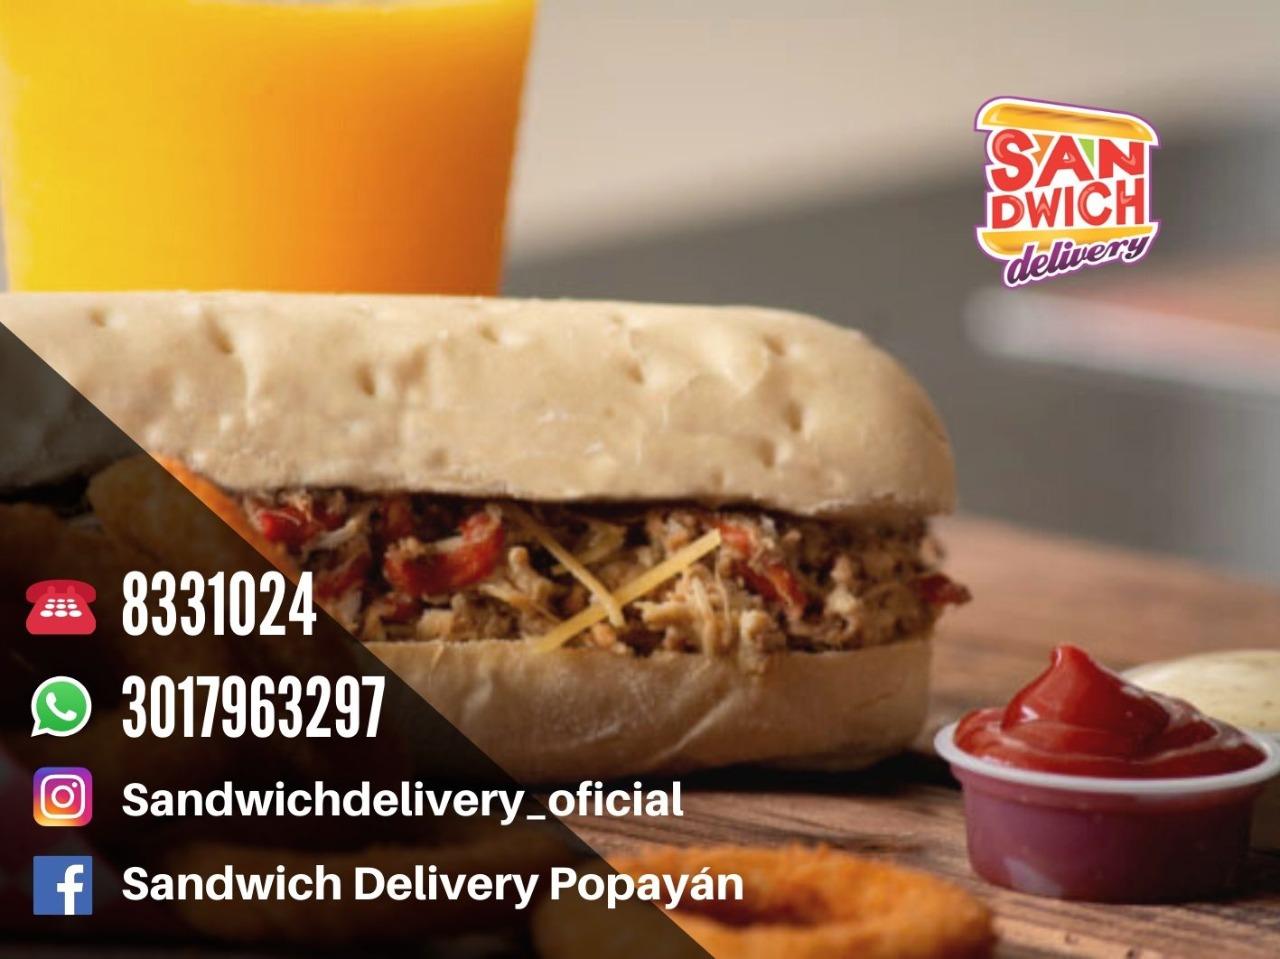 Sandiwch Delivery